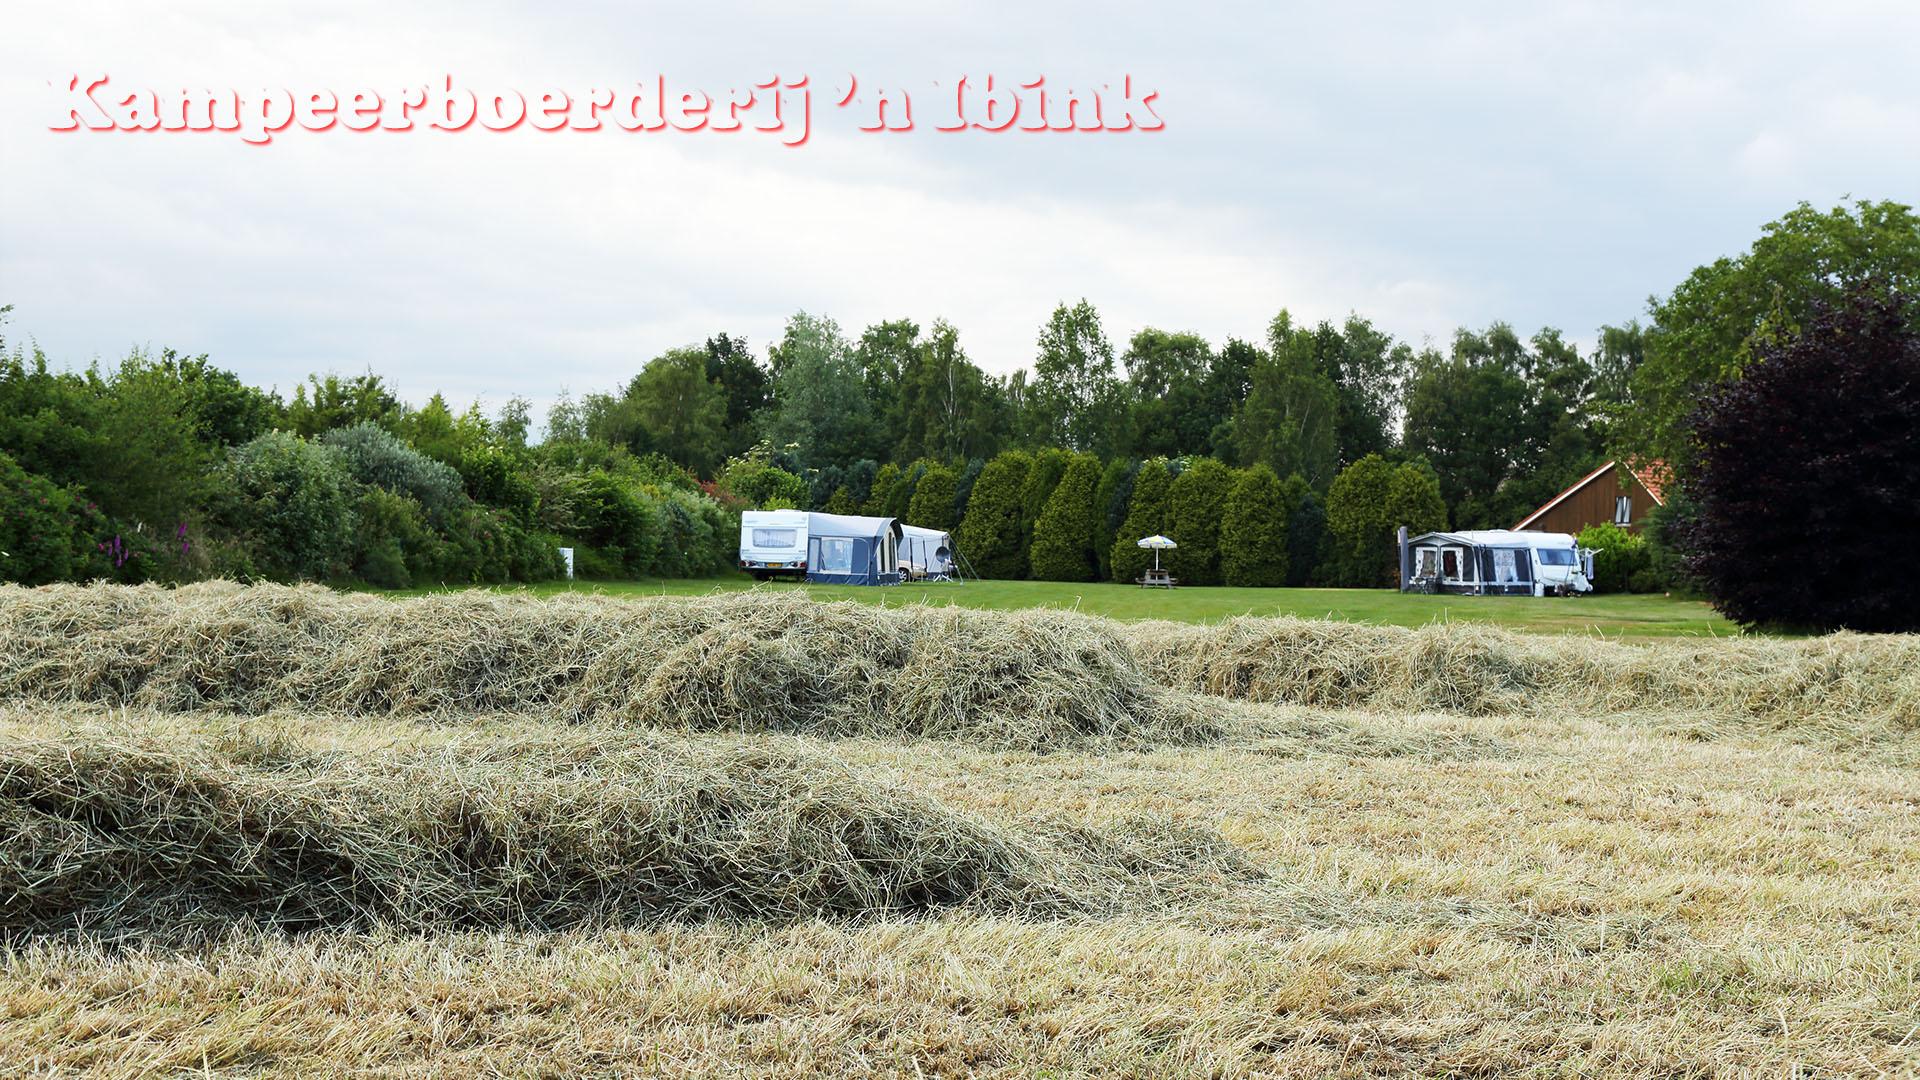 IMG_9744 Kampeerboerderij n Ibink